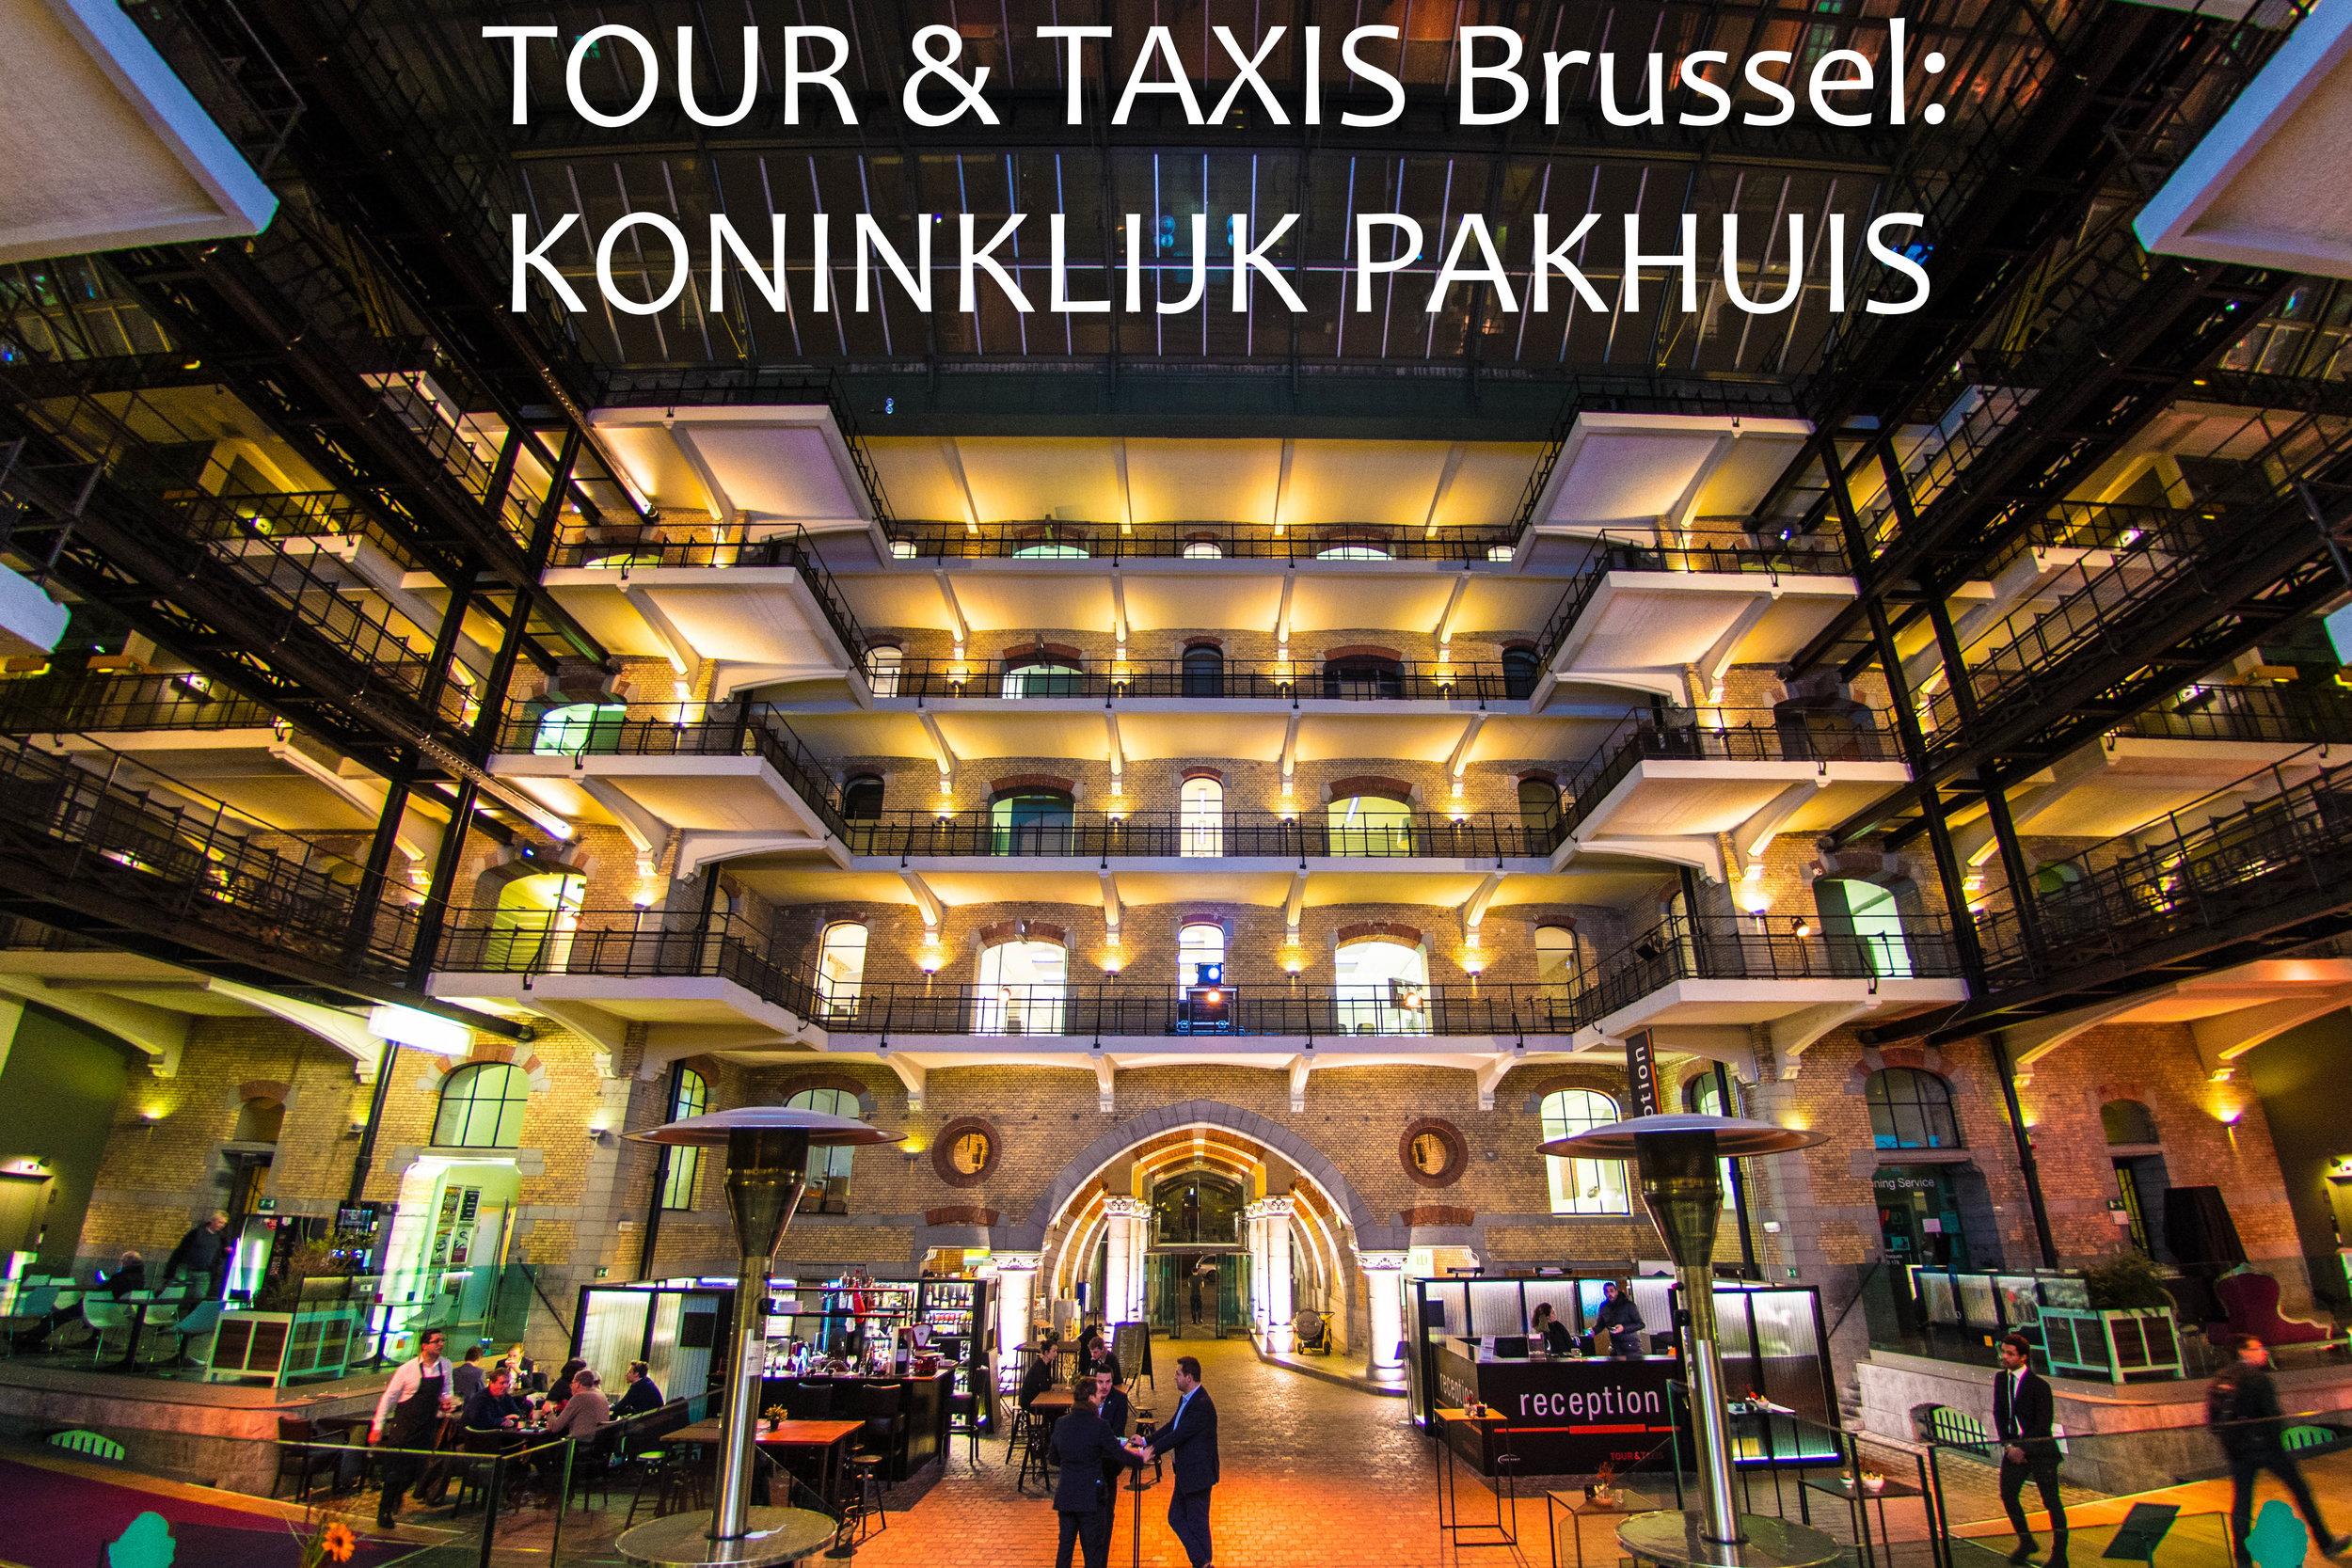 Tour & Taxis Koninklijk Pakhuis FOODstories NL